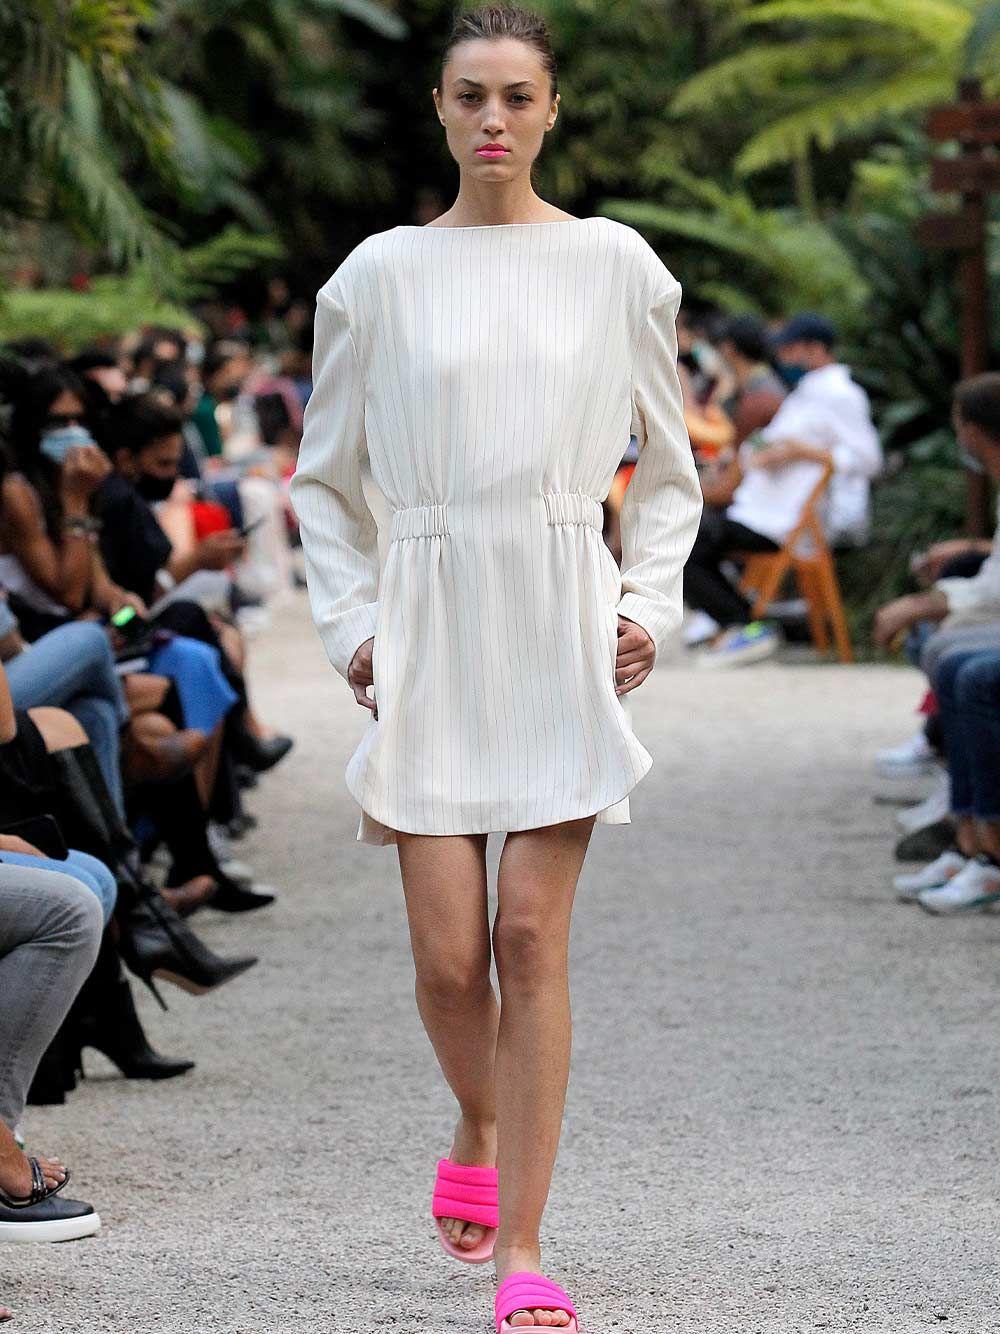 Backless Short Dress with Shoulder Pads